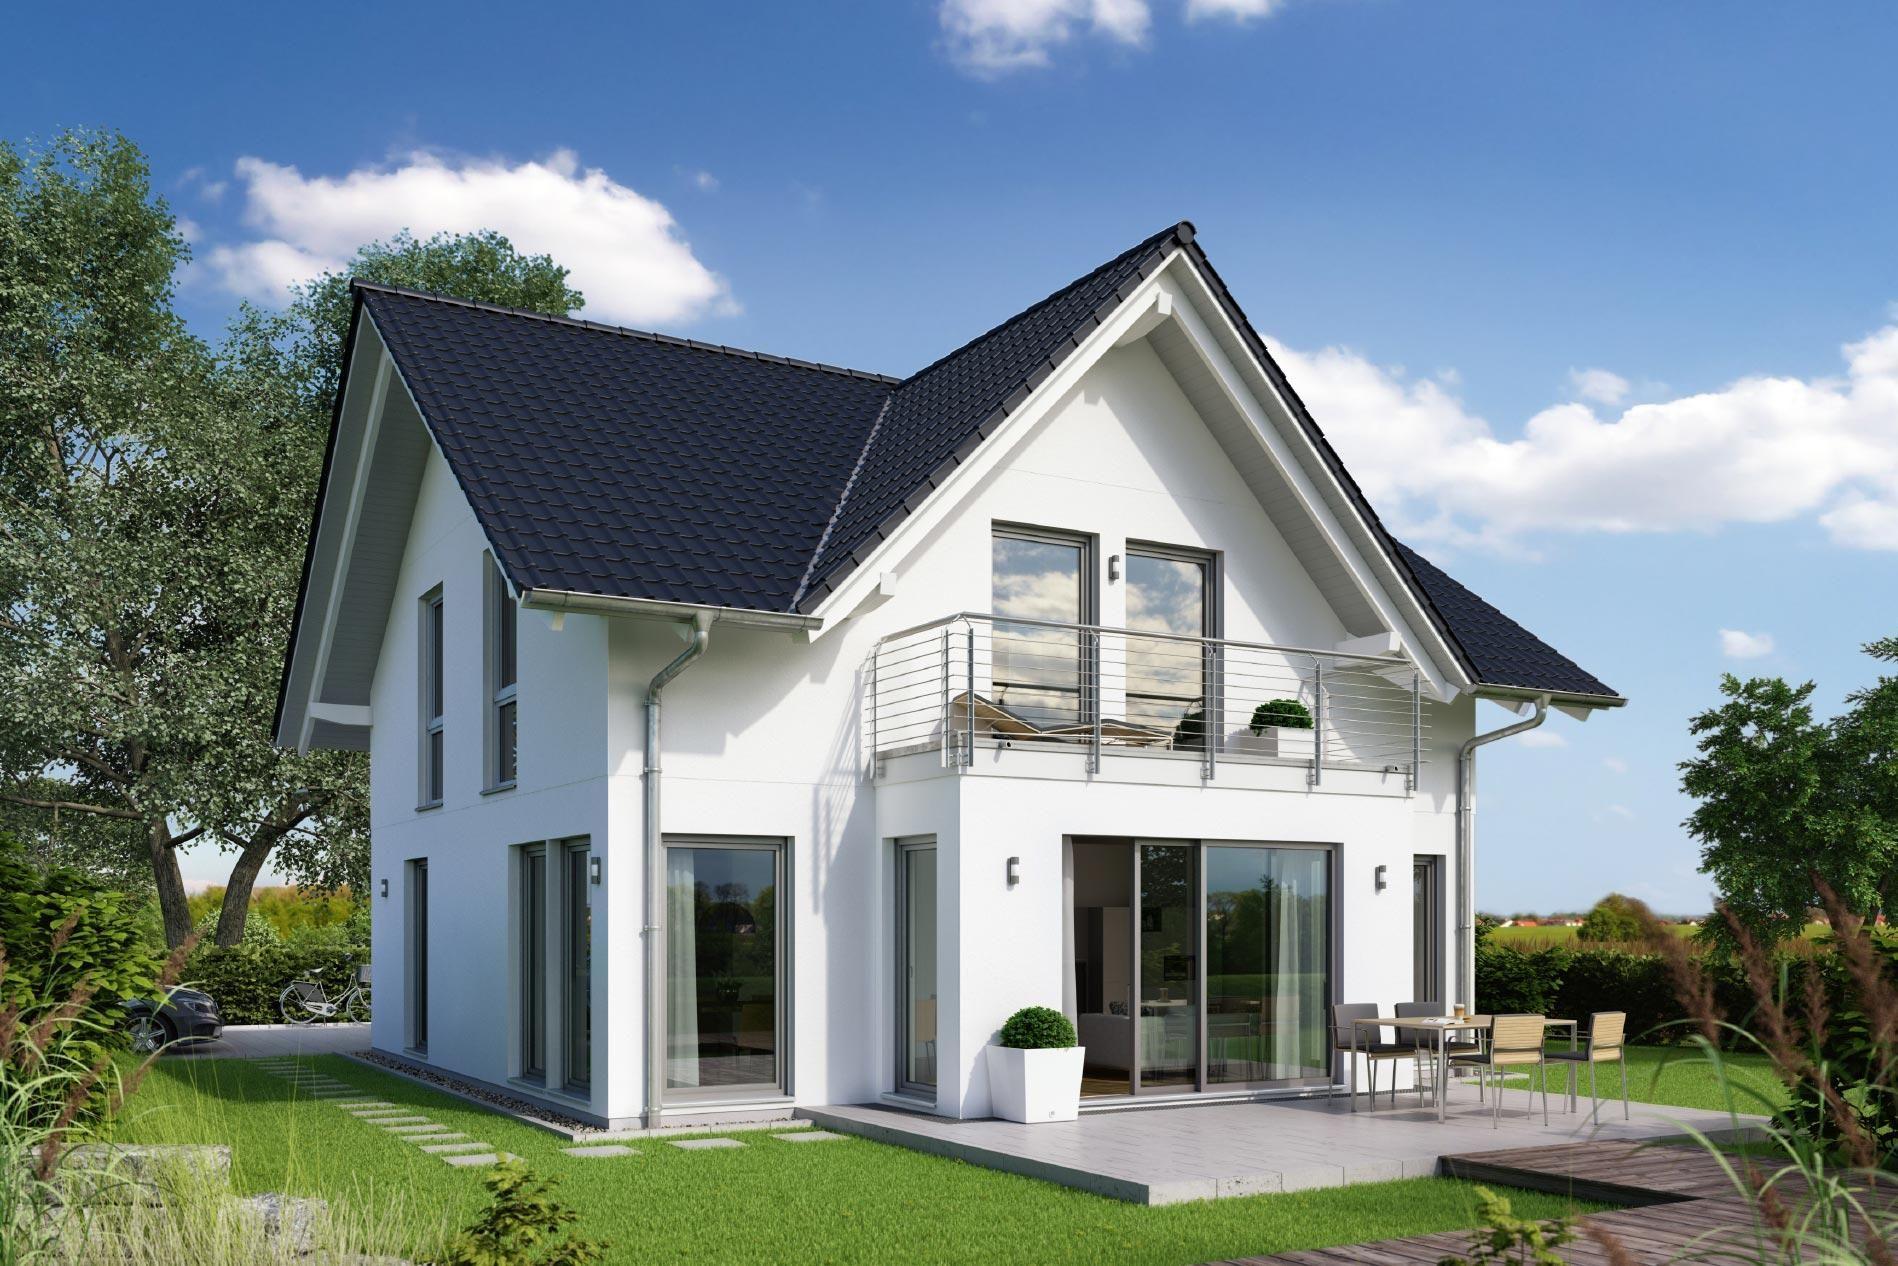 Fertighaus mit Erker Schwörer haus, Haus, Style at home